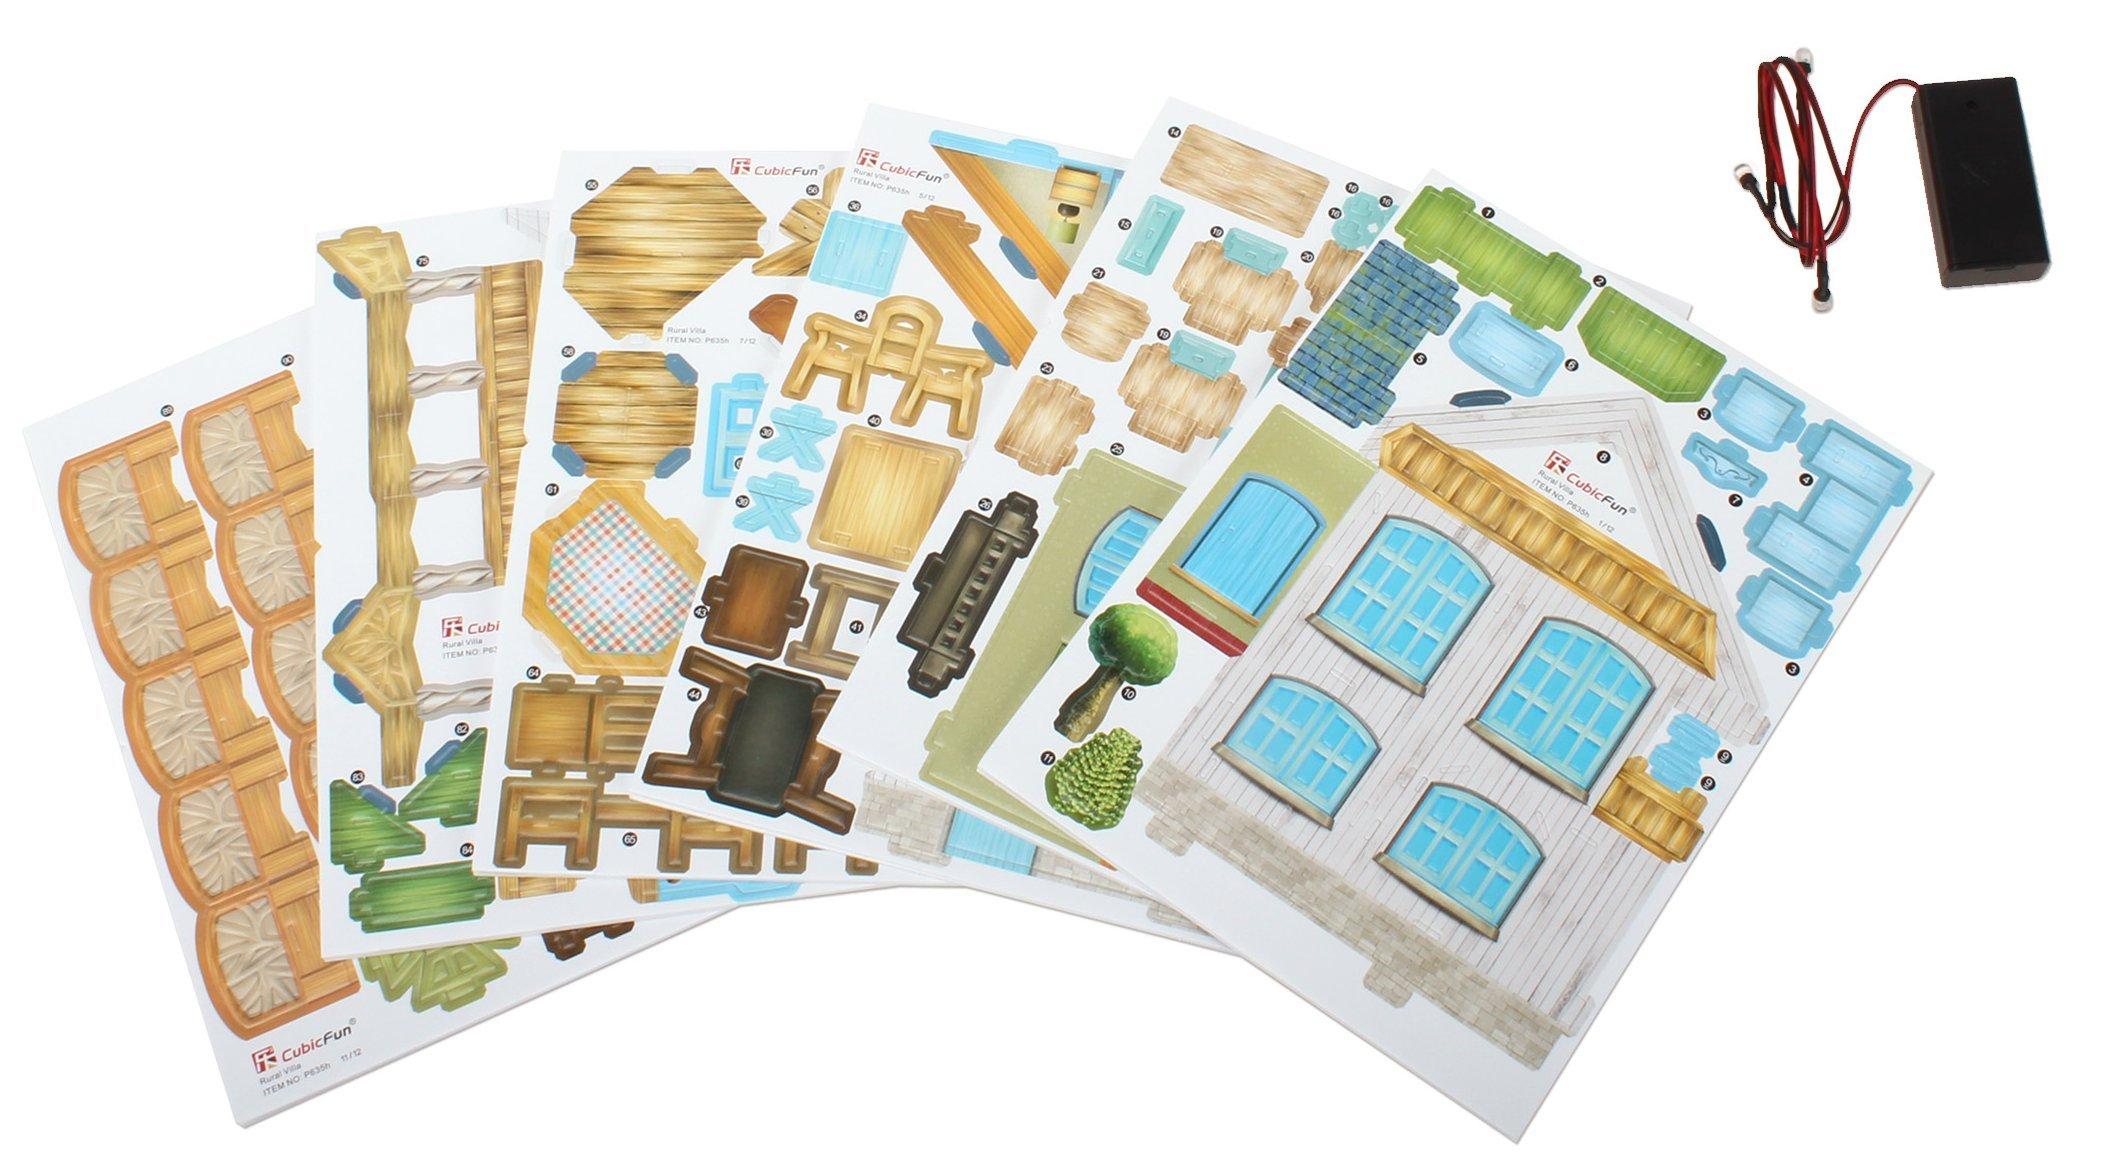 3D Puzzle Place Cubic Classic Rural Villa Dollhouse by 3D Puzzle Place (Image #5)